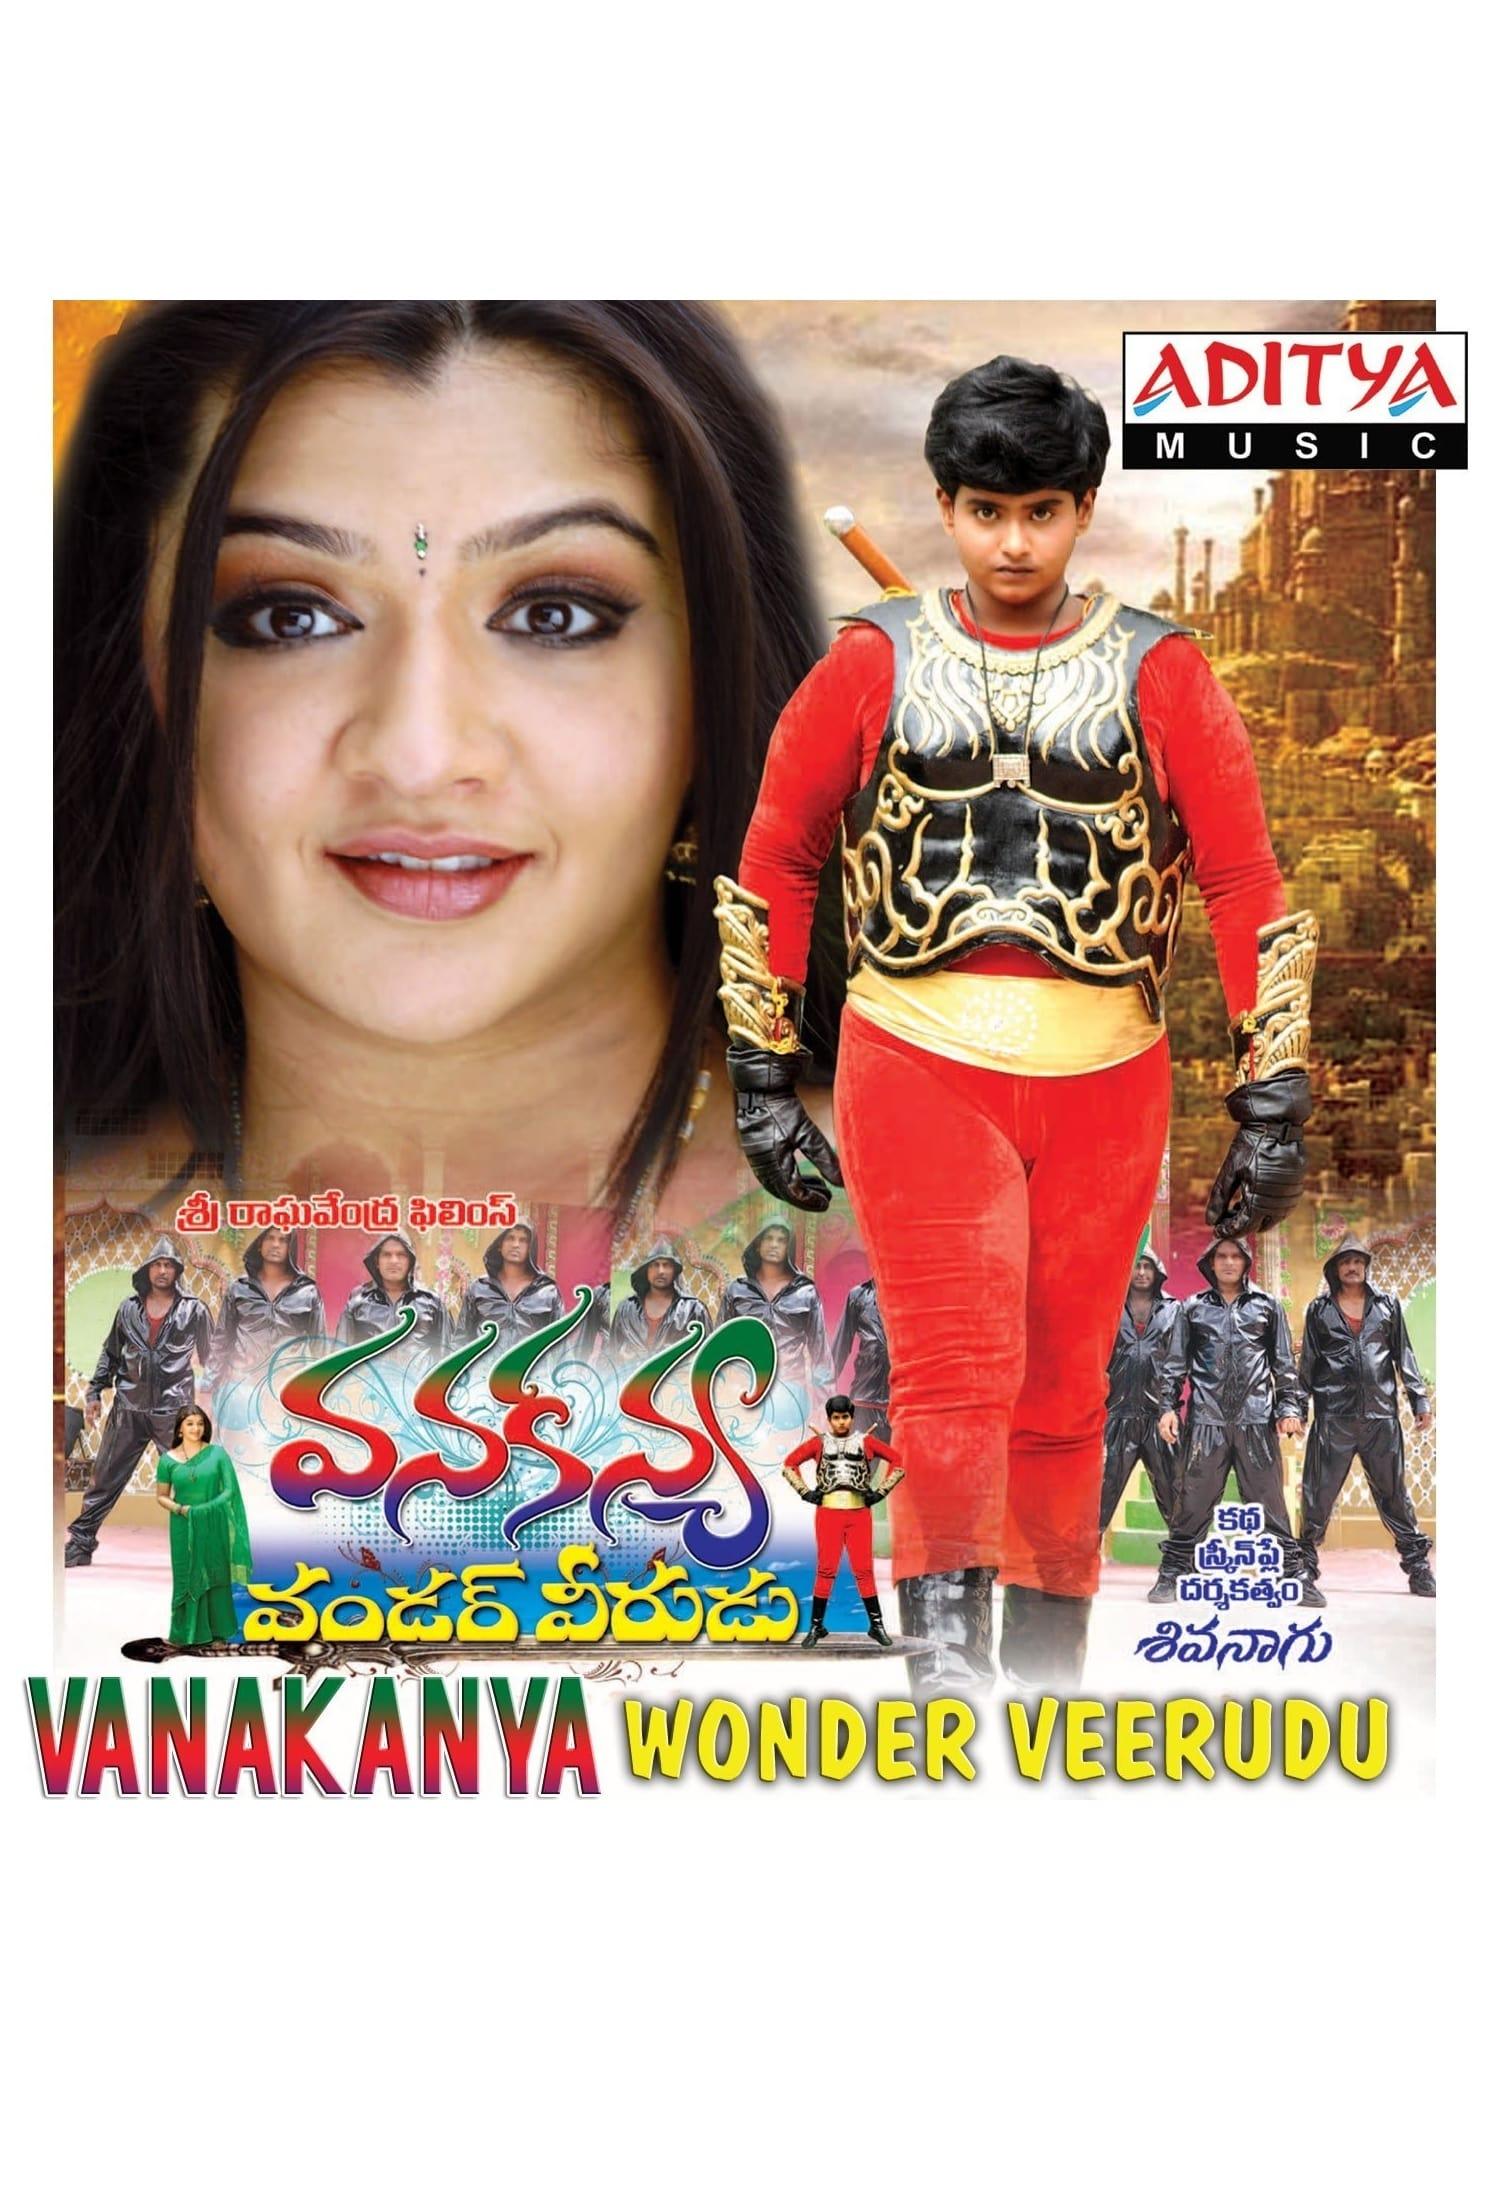 Vanakanya Wonder Veerudu